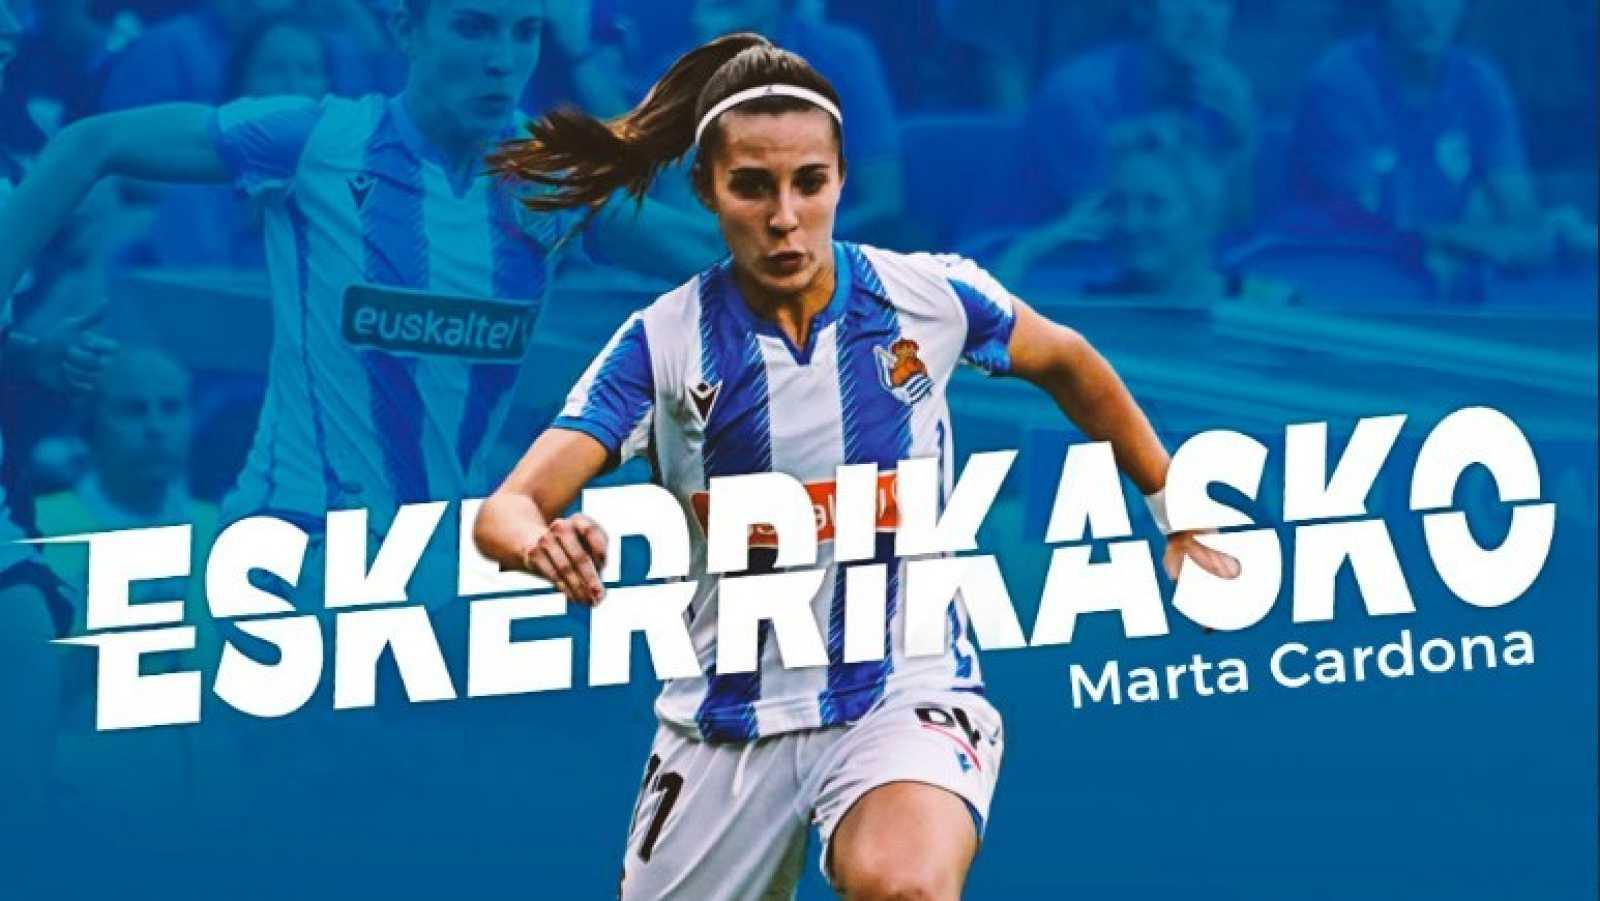 Marta Cardona